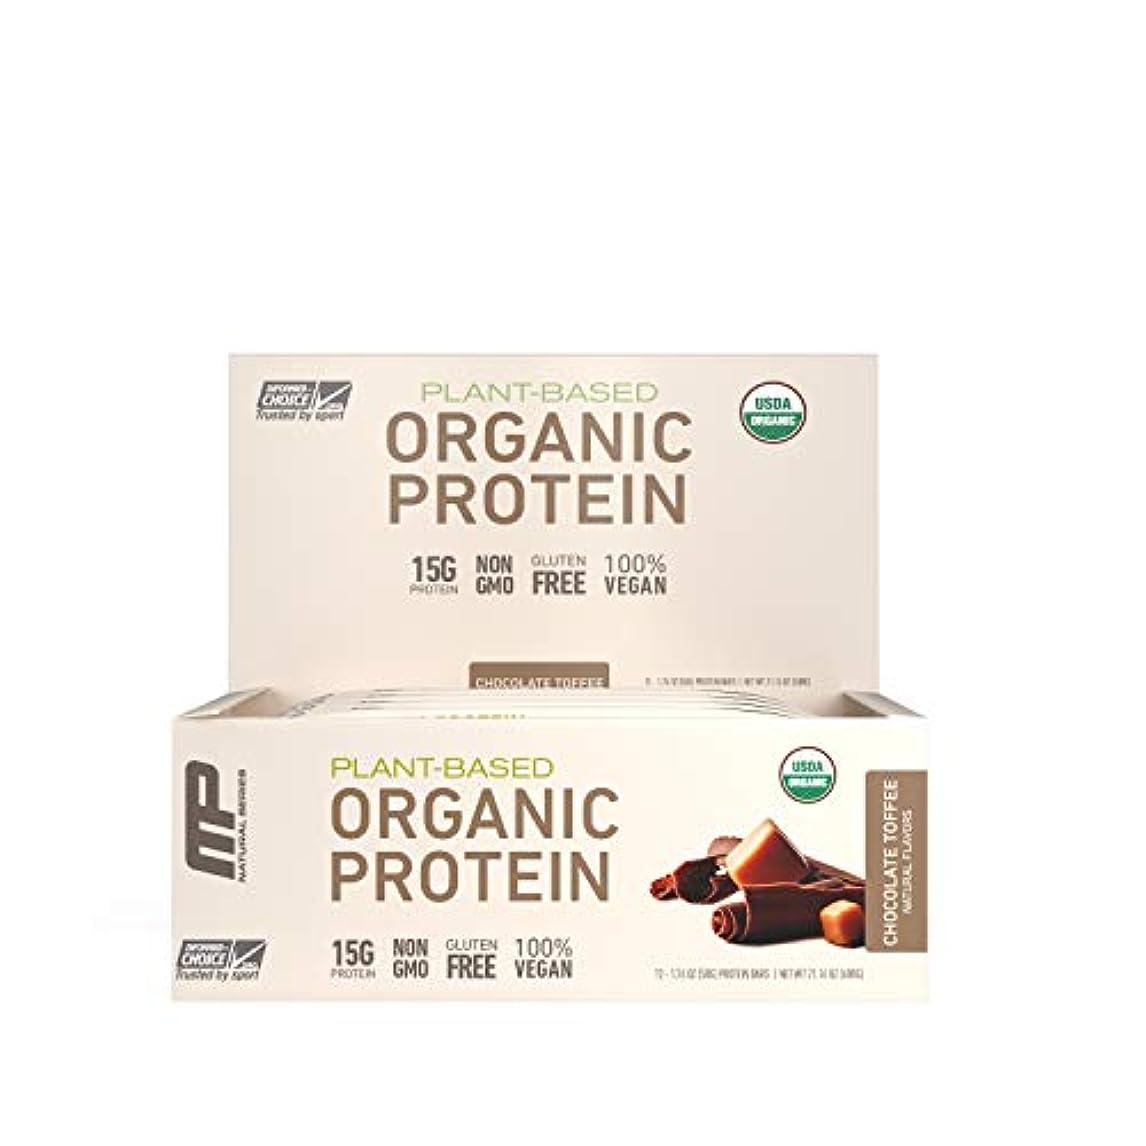 実行可能森悪因子MusclePharm Natural オーガニック?プロテインバー(チョコレート?トフィー12本) (600 g) 海外直送品